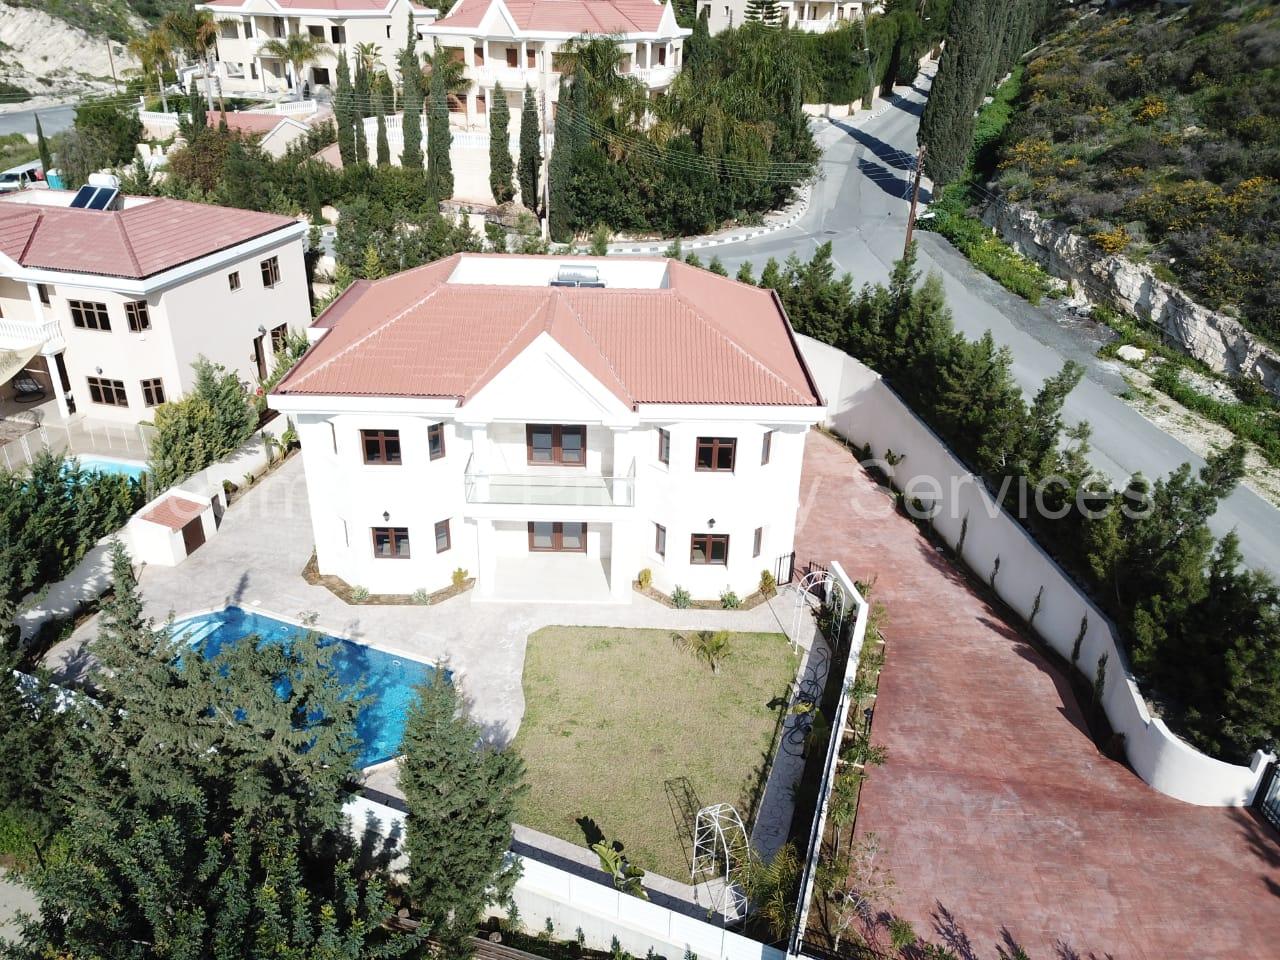 4 Bedroom Luxury Villa Agios Tychonas for Sale